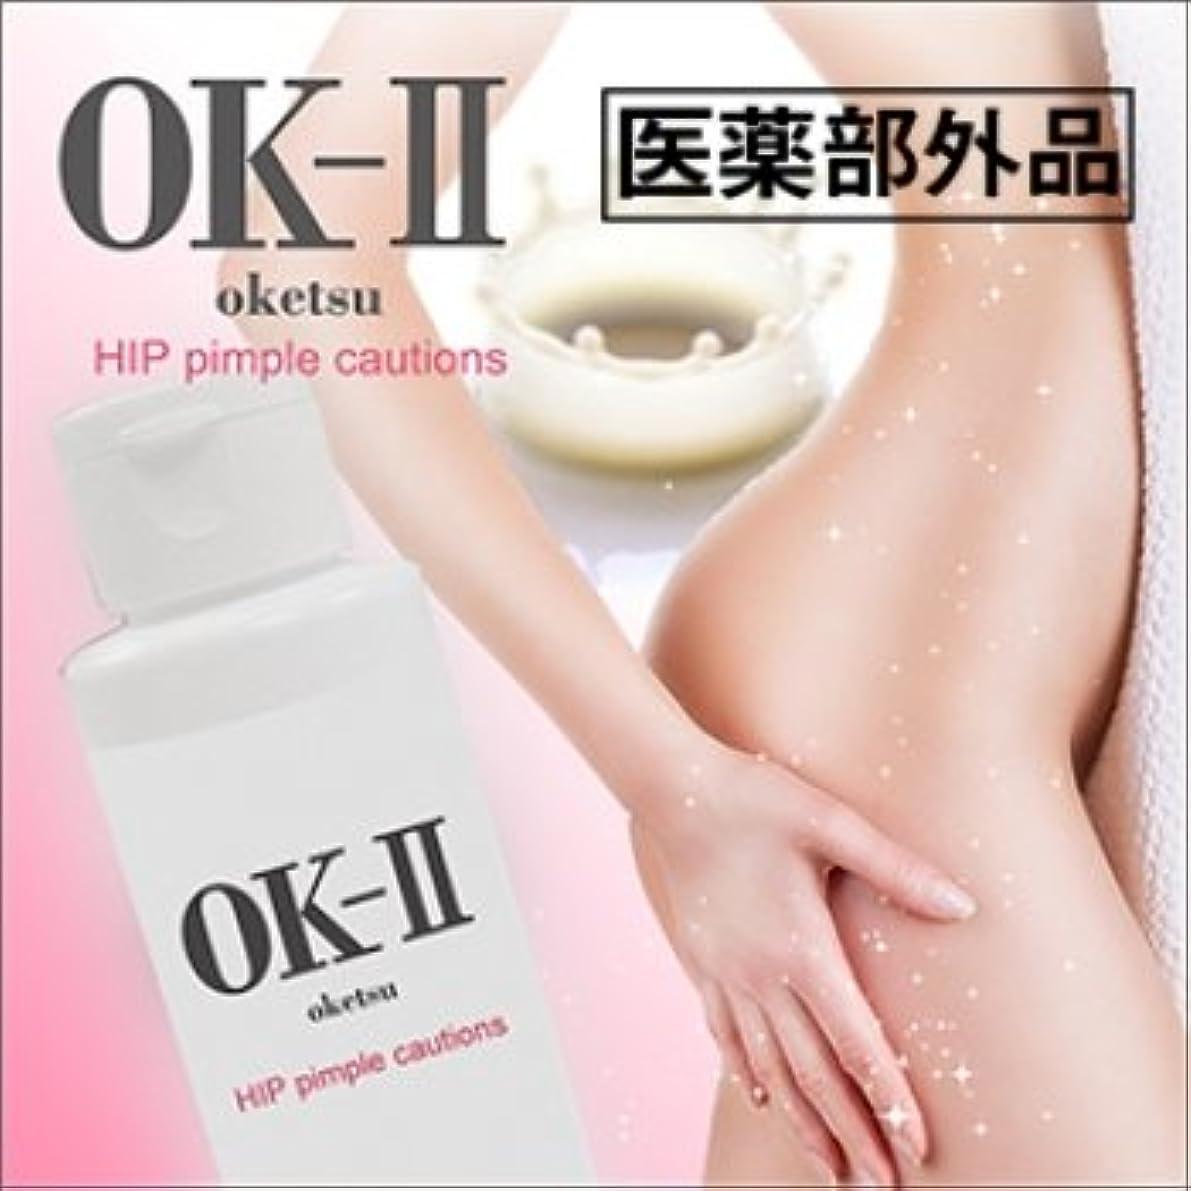 泣いている吸うお香OK-IIオッケーツー(薬用お尻ニキビケアボディ乳液)医薬部外品